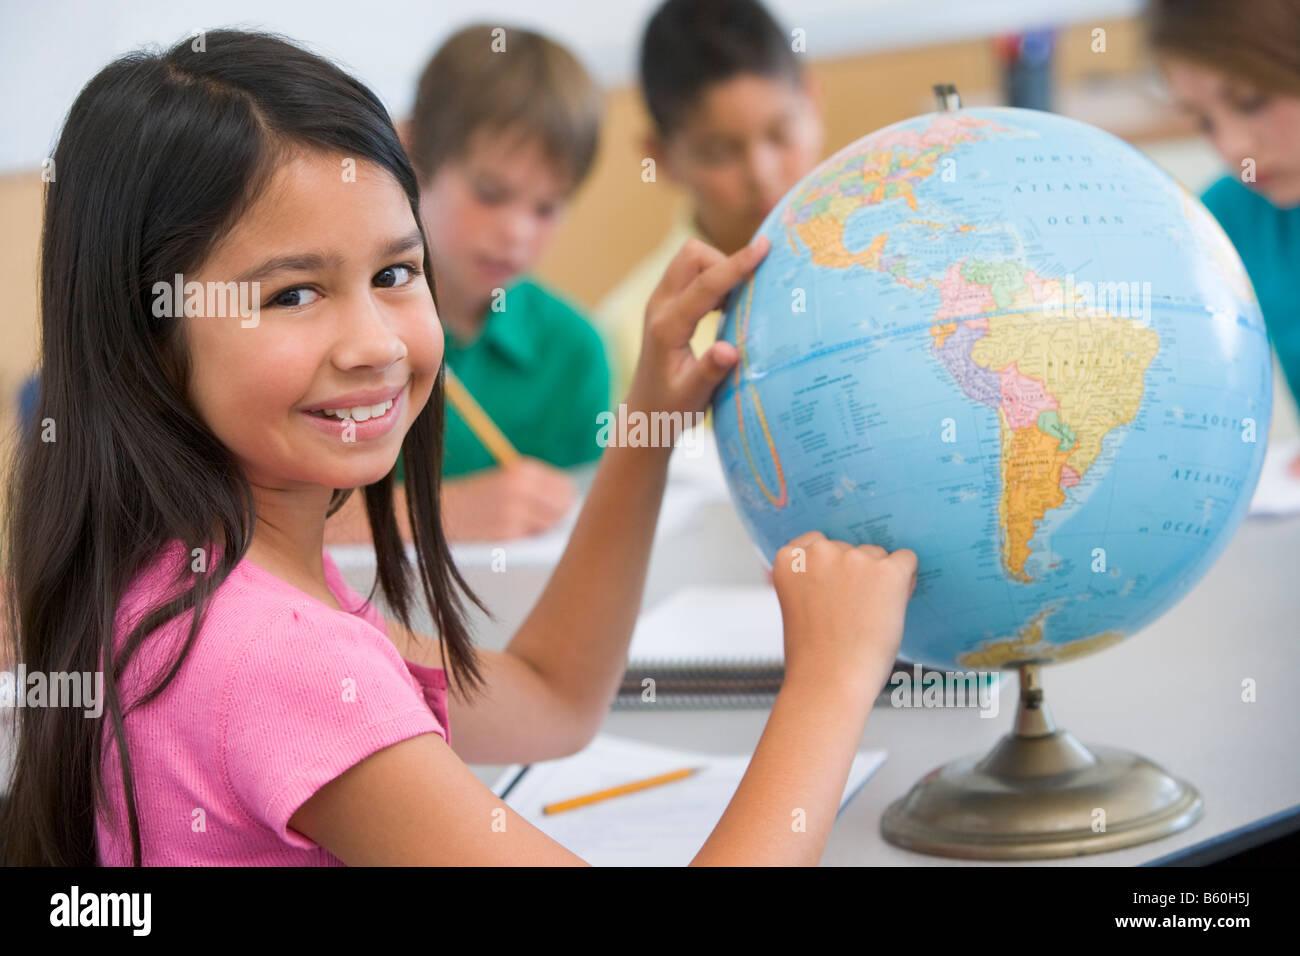 Schüler in der Klasse zeigte auf einen Globus (Tiefenschärfe) Stockbild